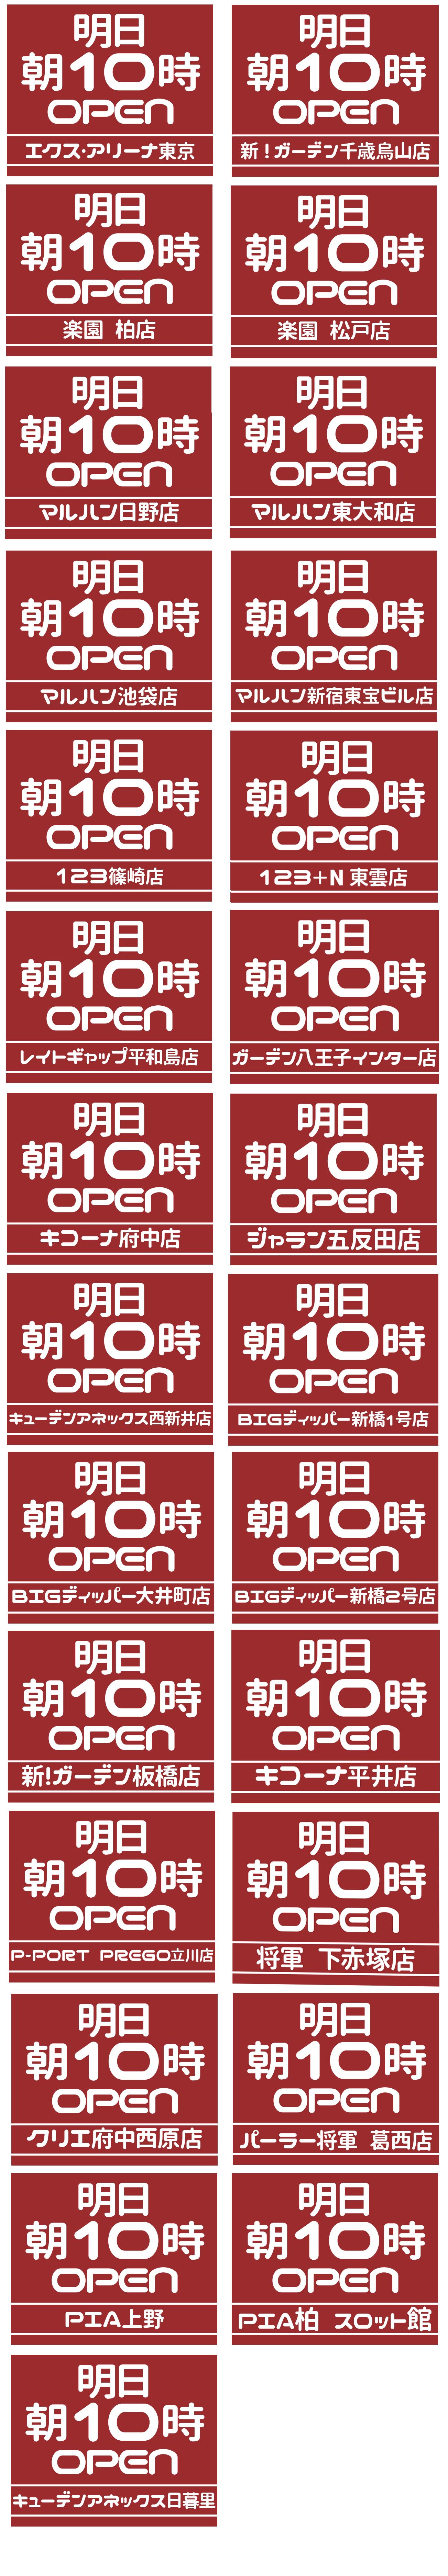 明日東京店舗一覧_1109